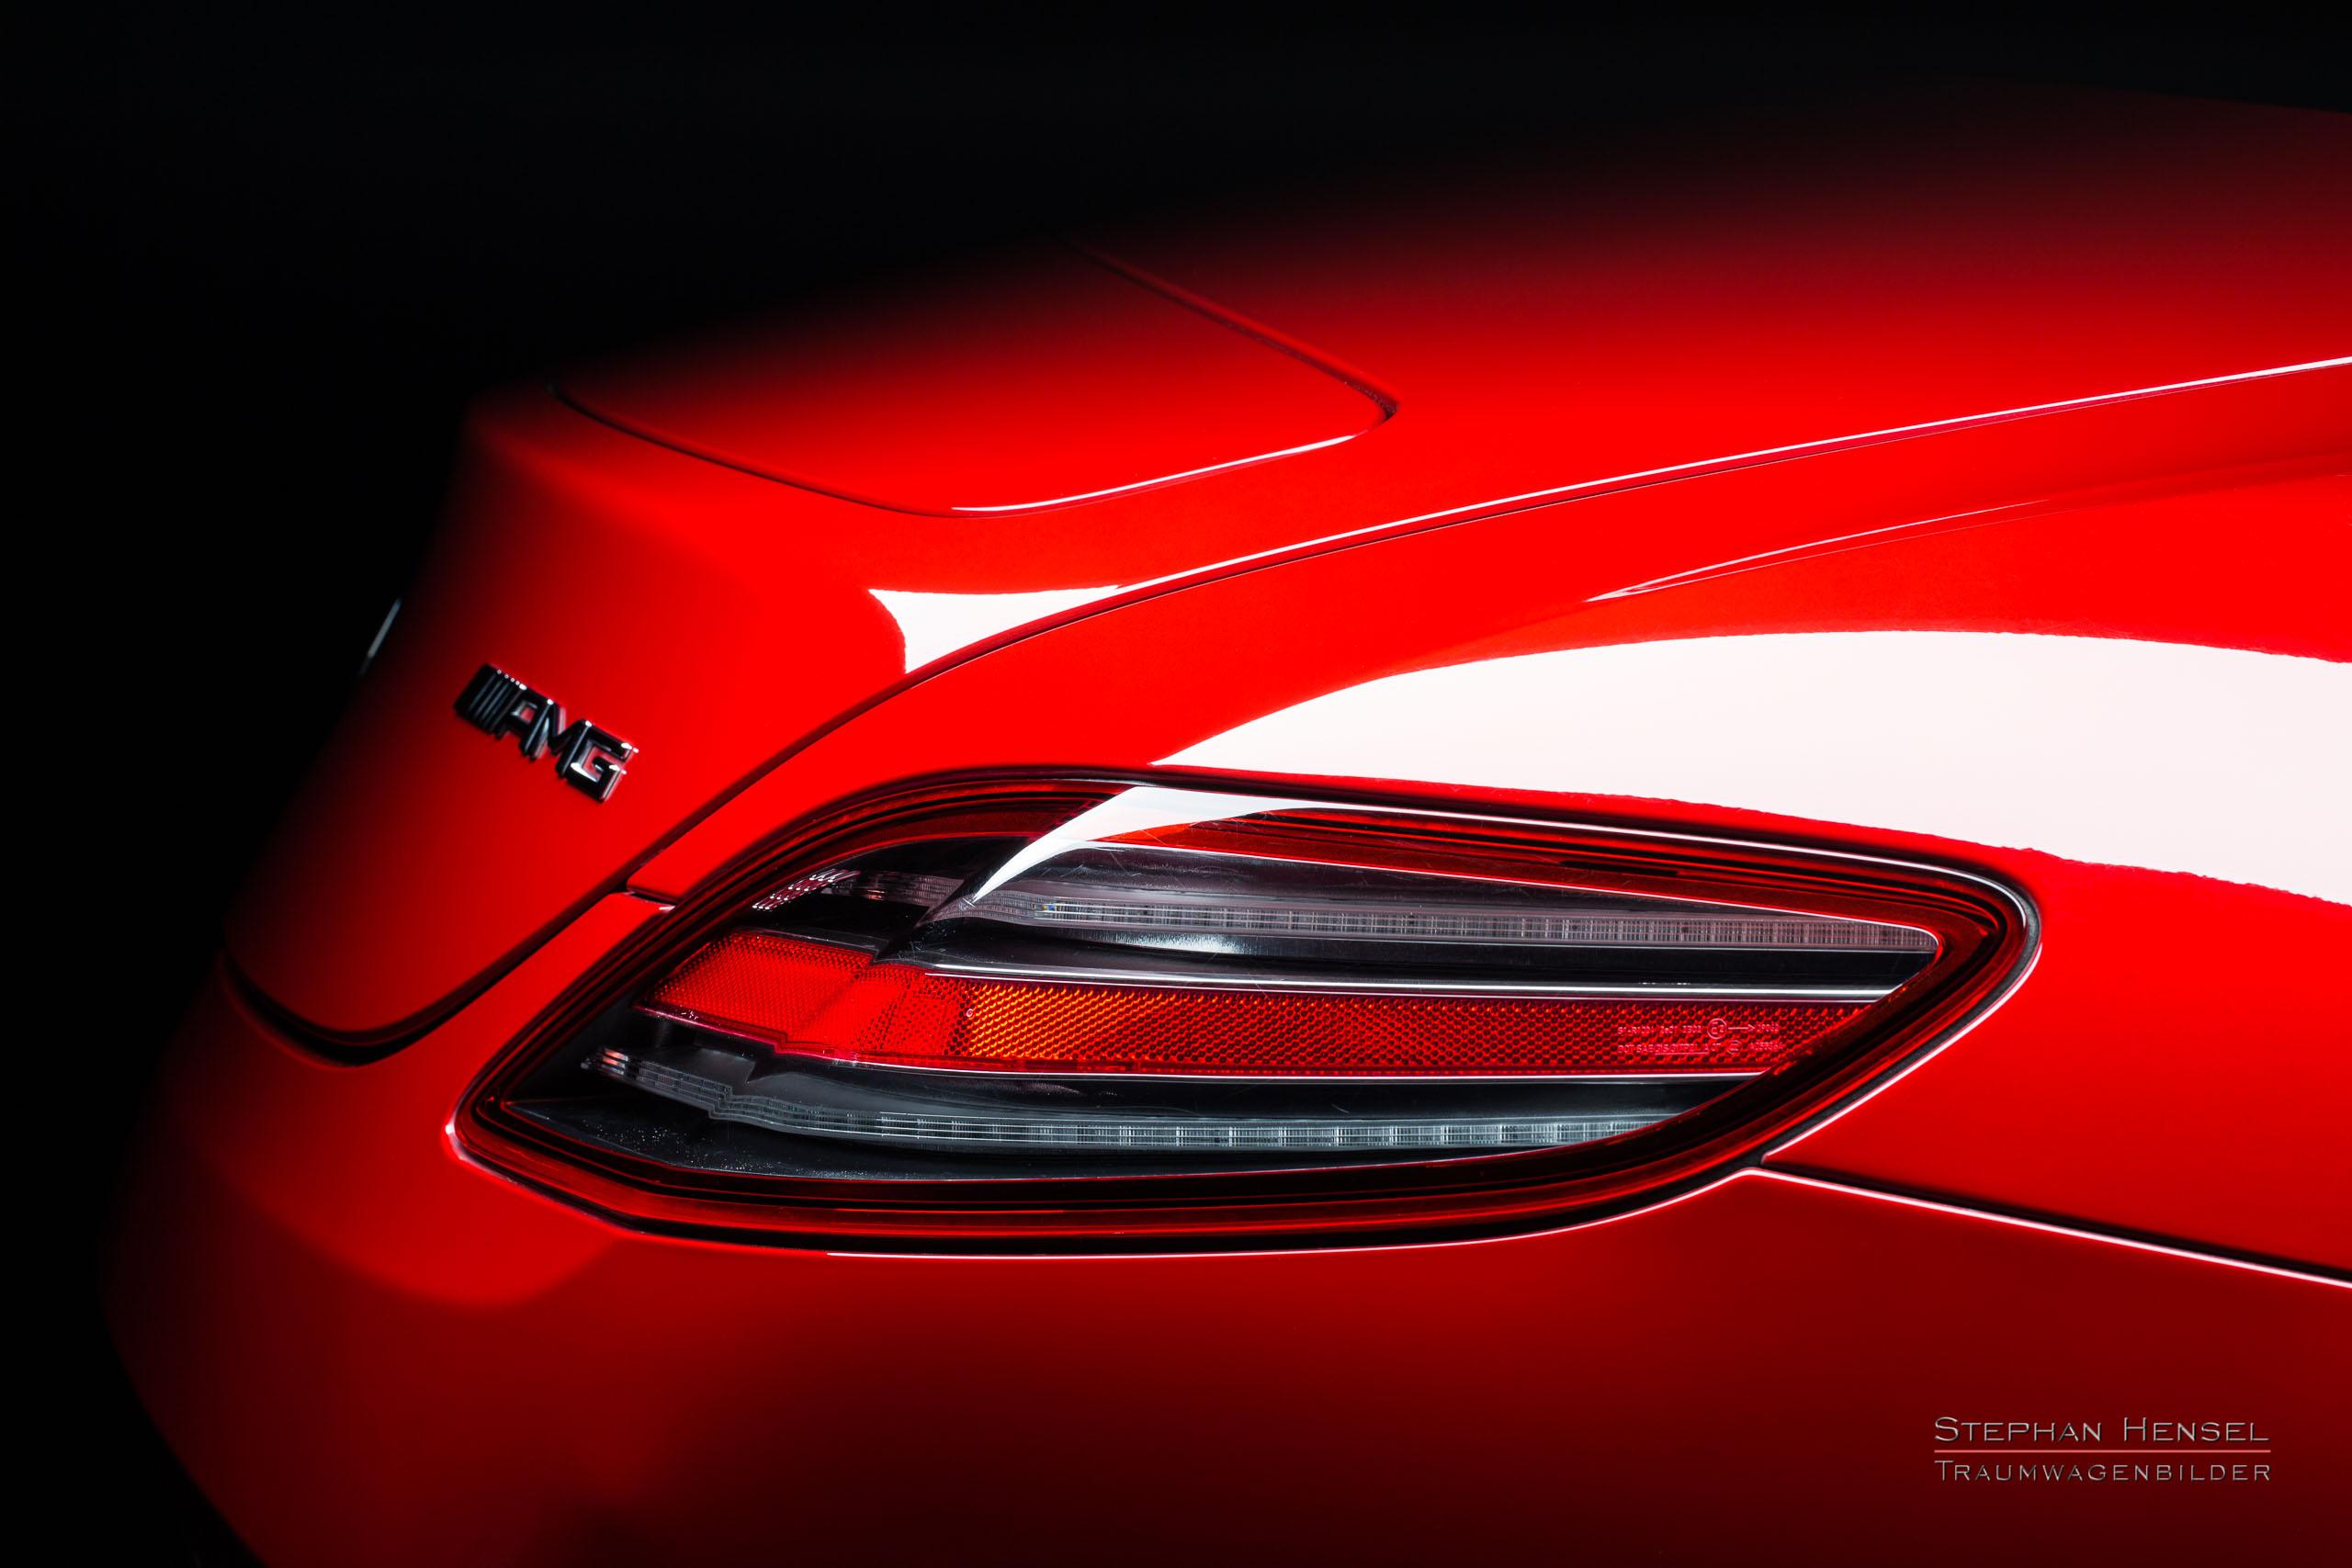 Mercedes-Benz AMG SLS, 2011, Studioaufnahme, Detailansicht, Autofotografie: Stephan Hensel, Hamburg, Oldtimerfotograf, Autofotograf, Automobilfotograf